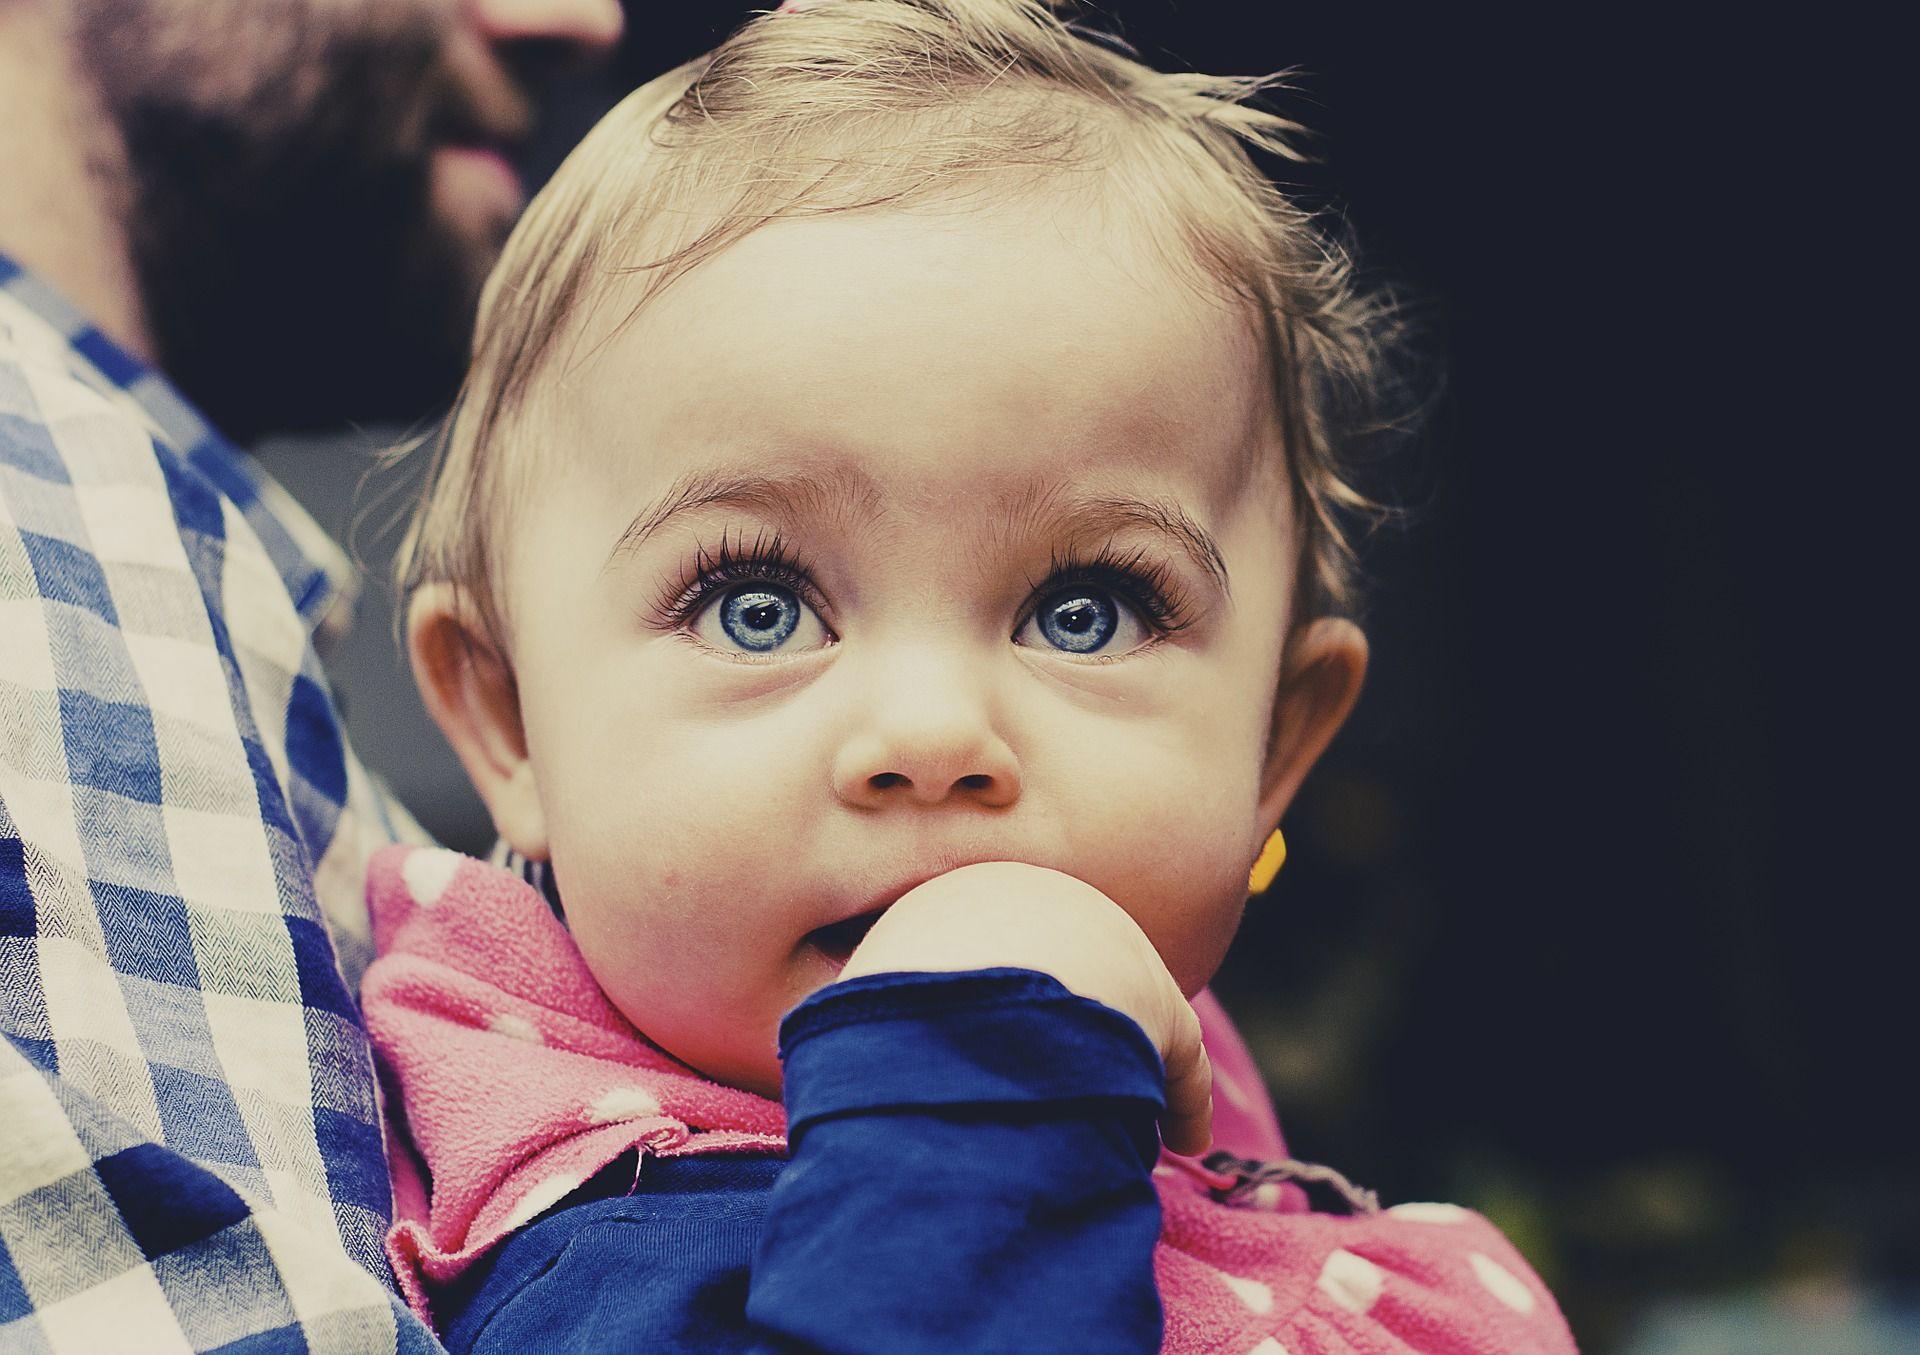 Descubre el Corrector orejas bebés y un jueguecito para tu bebé de 3 a 6 meses